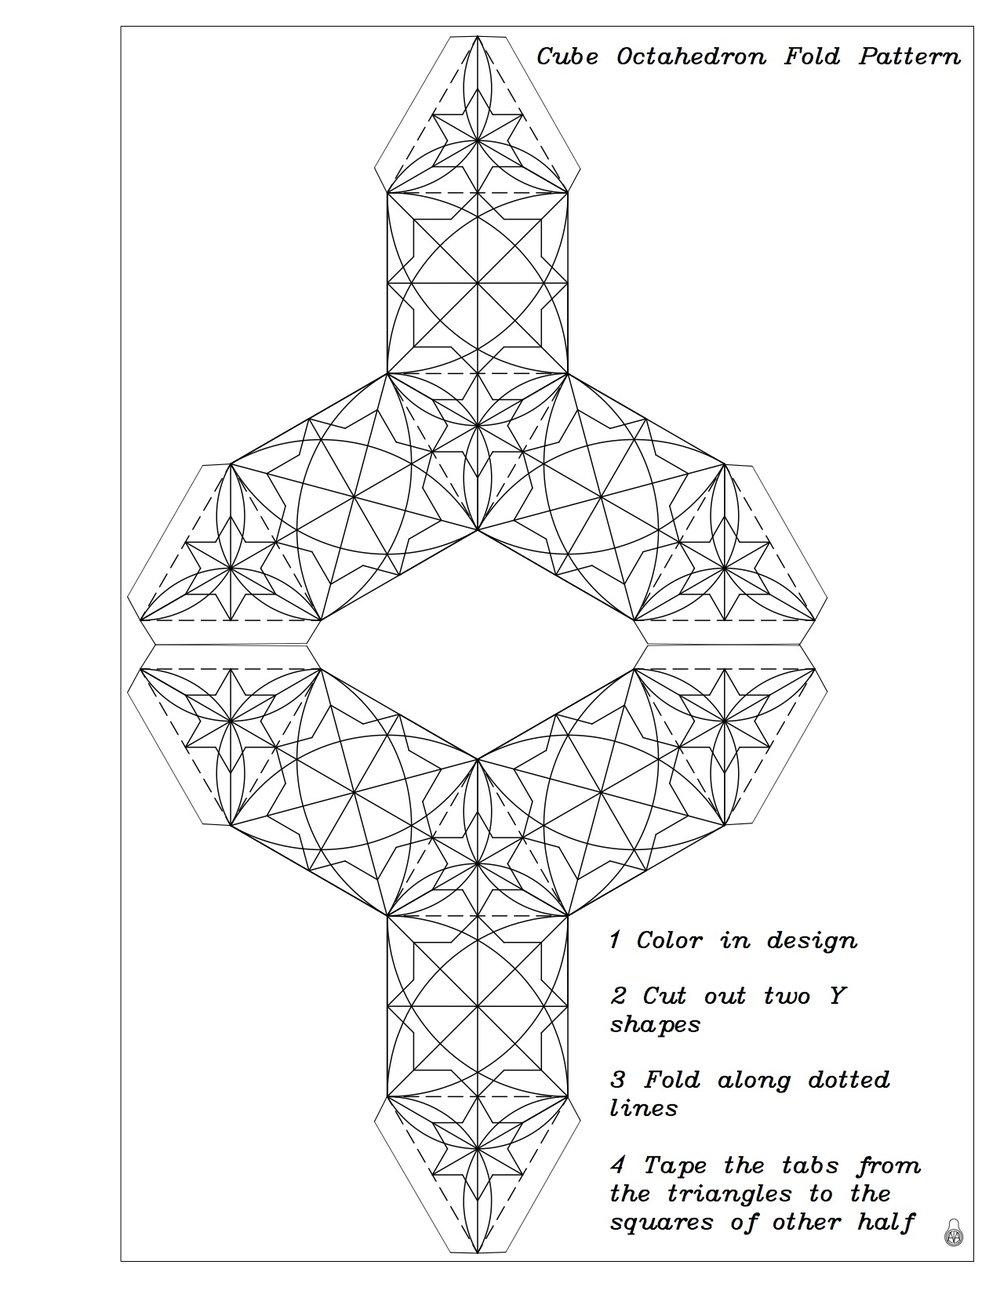 29 cuboct net.jpg